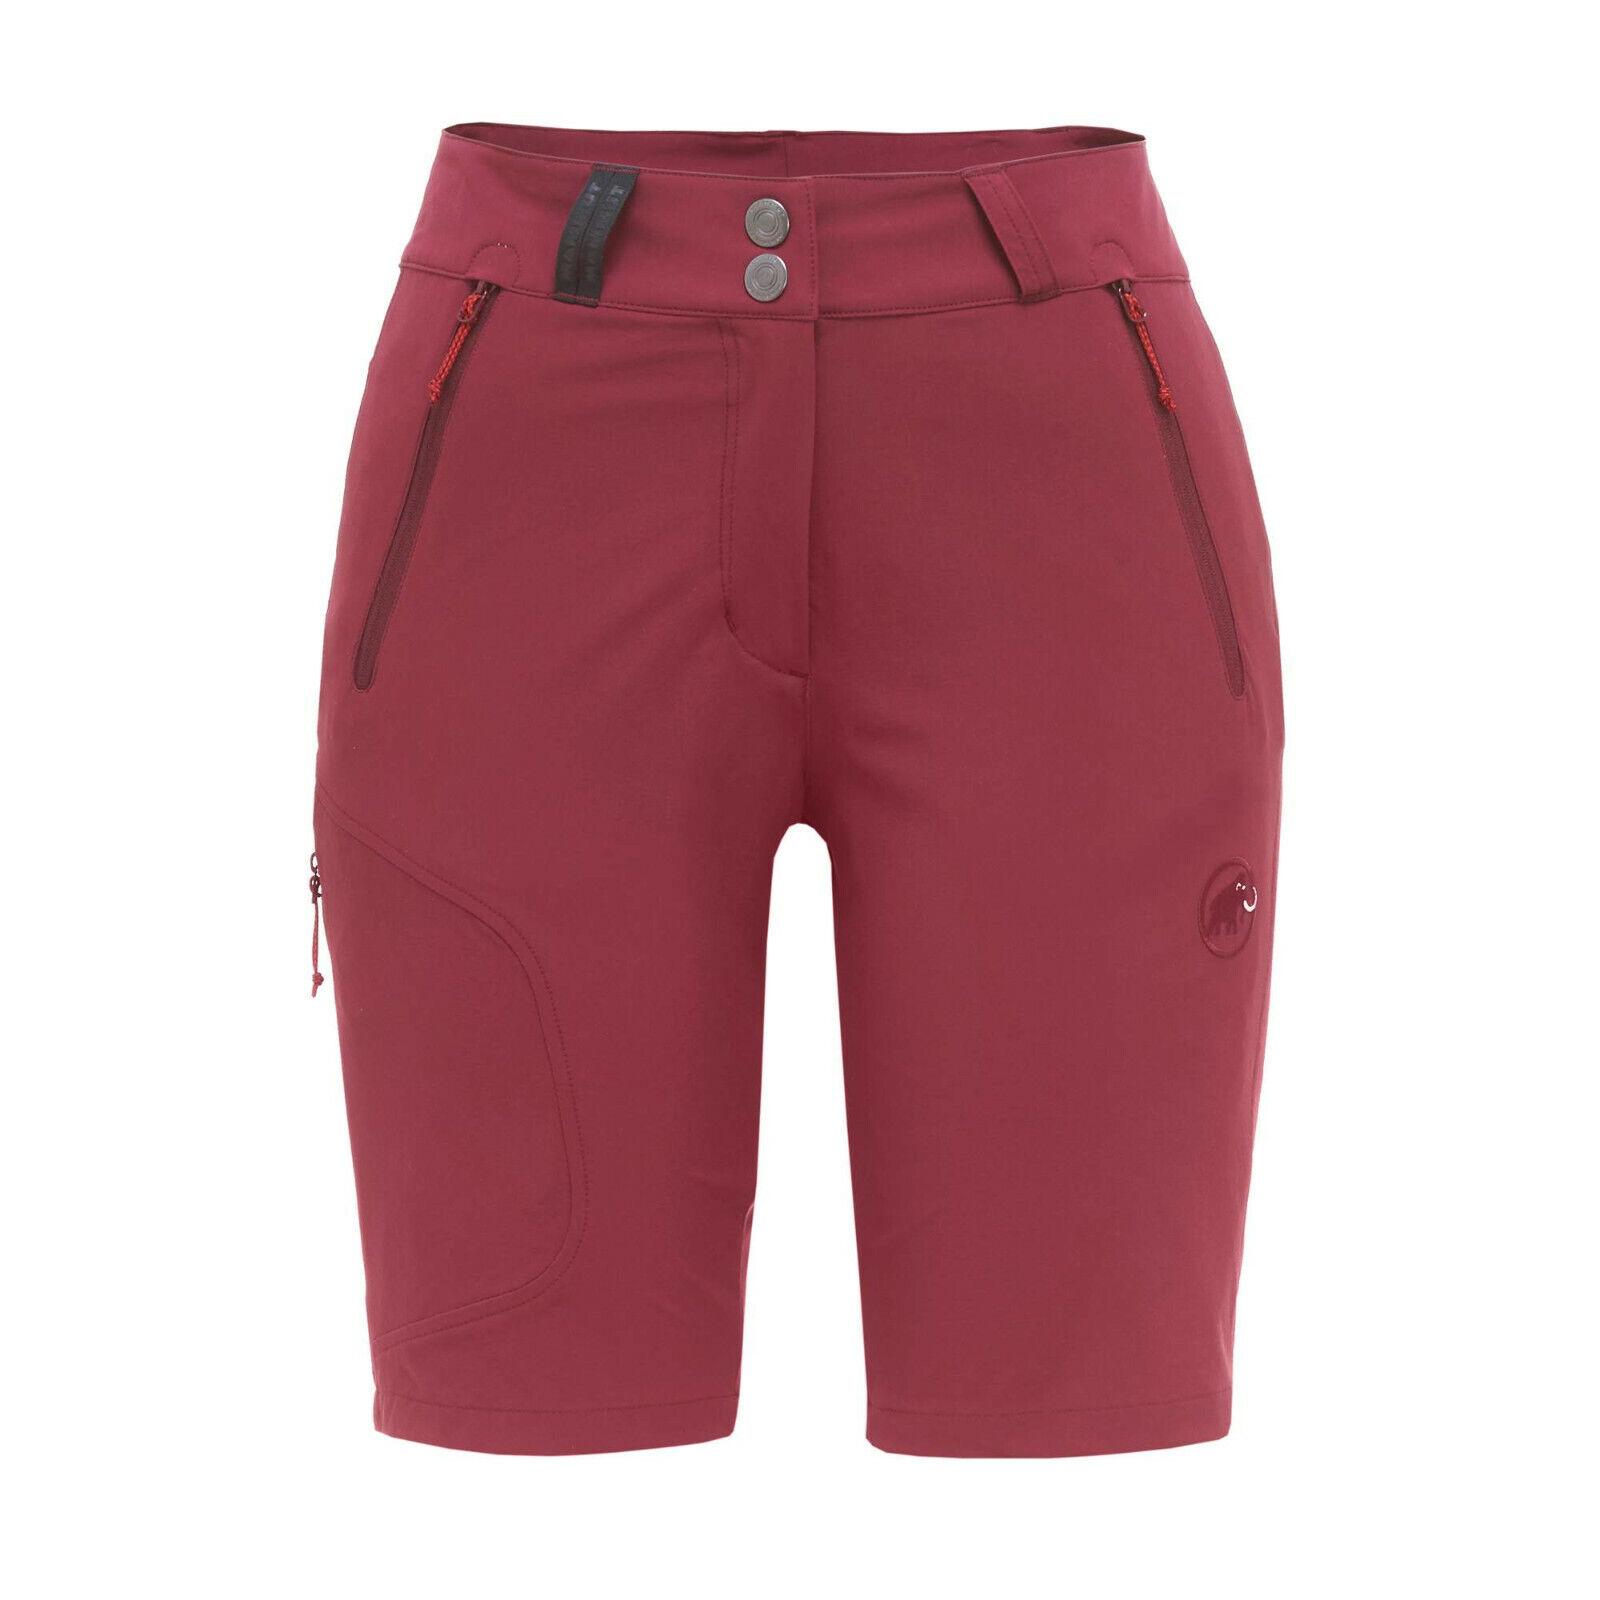 Mammut Runje shorts daSie shorts Größe 36 (Größe S)